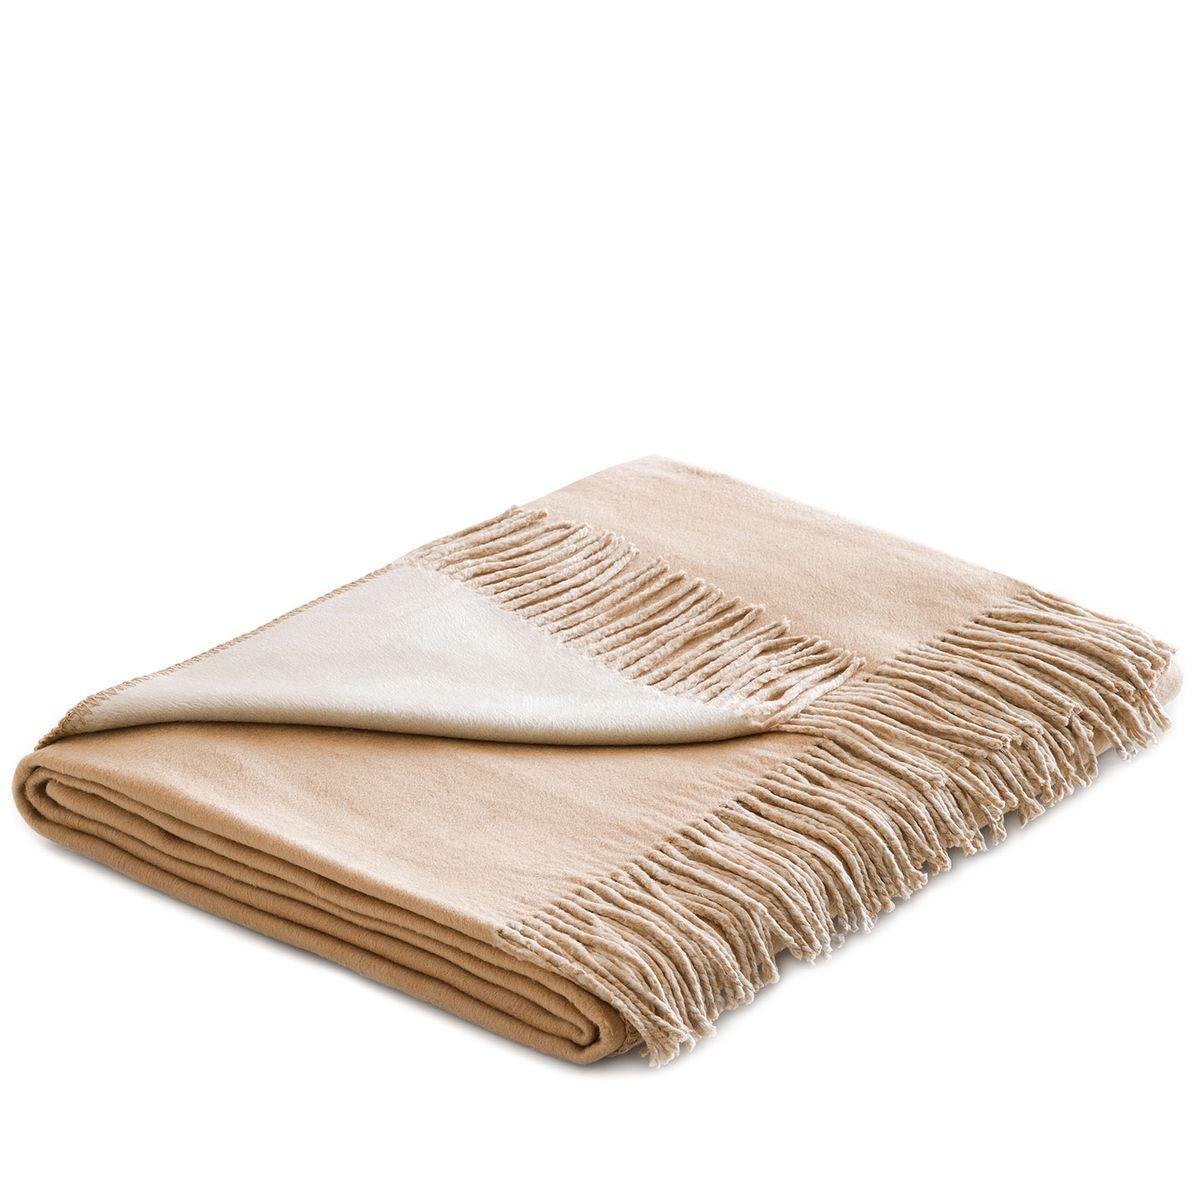 Плед Togas Хлопок-Шелк, цвет: бежевый, светло-коричневый, 140 х 180 см20.03.10.0006Утонченный плед Togas Хлопок-Шелк - это высшая роскошь и настоящее наслаждение. Нежное, скользящее прикосновение этой божественной ткани наполняет блаженством и легкостью. Необычный дизайн позволяет в мгновение ока трансформировать пространство вашей спальни или гостиной: просто поверните плед стороной того цвета, который вам сейчас по душе, - и наслаждайтесь непринужденной грацией элегантно драпирующихся складок, ниспадающих шелковистым каскадом. Несмотря на удивительную тонкость и невесомость, плед из 75% шелка и 25% хлопка очень практичен и прост в уходе, а значит - прослужит вам долгие годы, став неотъемлемой частью вашего уюта и комфорта.